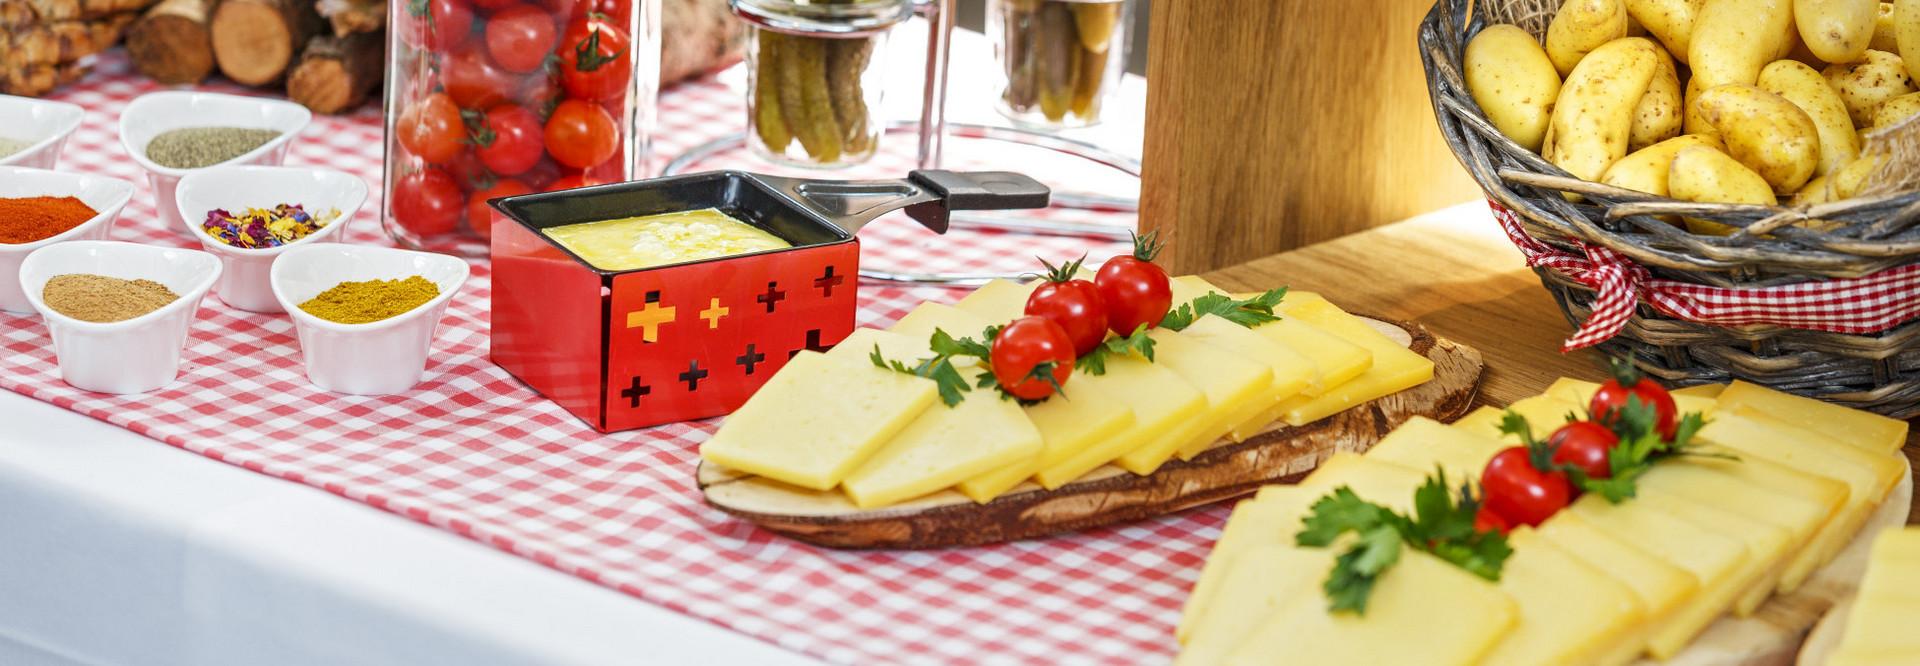 Ein Buffet mit feinem Raclette Käse und Beilagen wie Kartoffeln